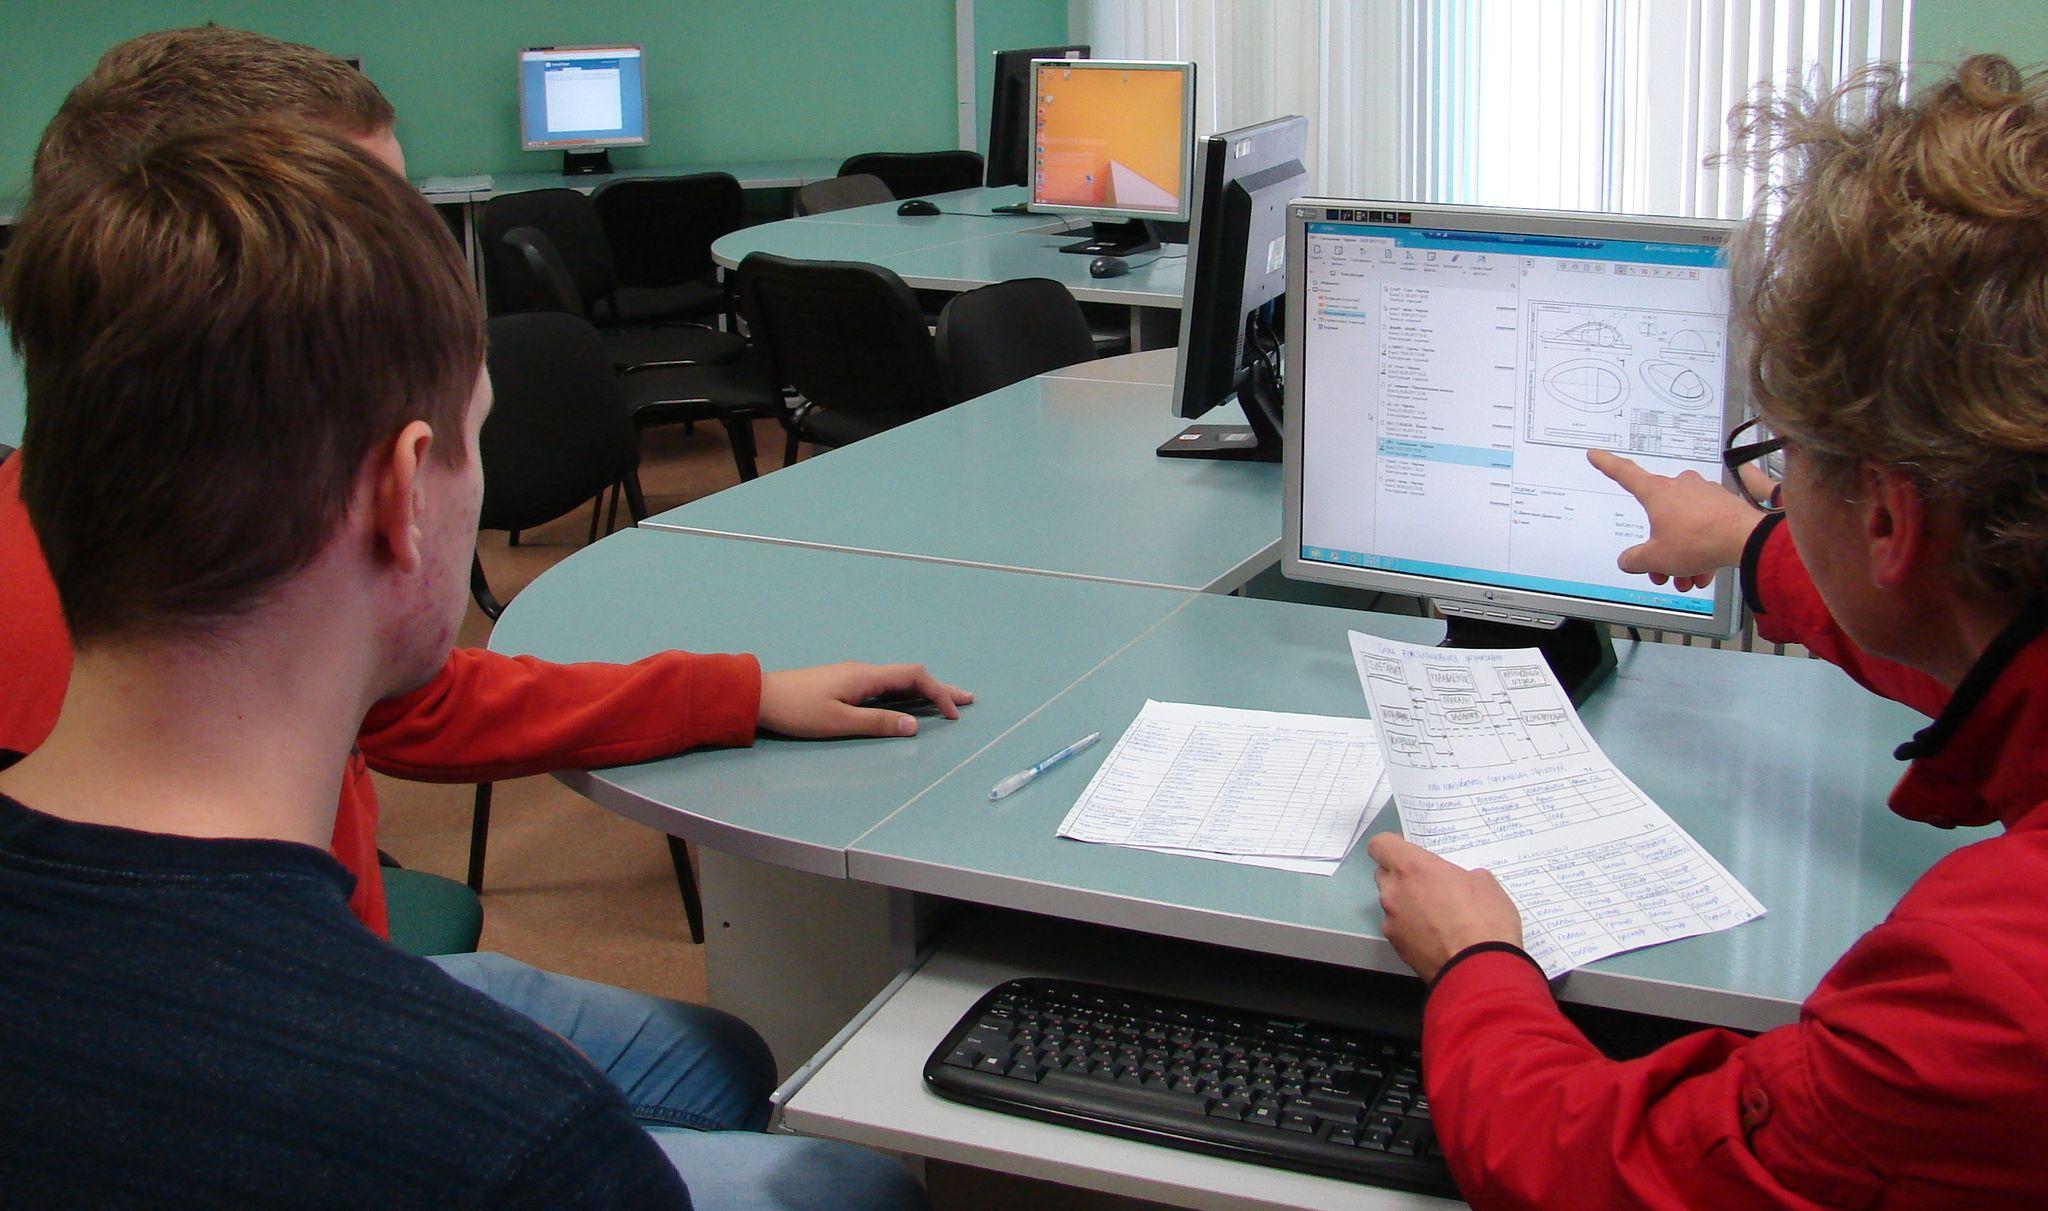 Коллективная работа и электронный документооборот. Опыт обучения в университете